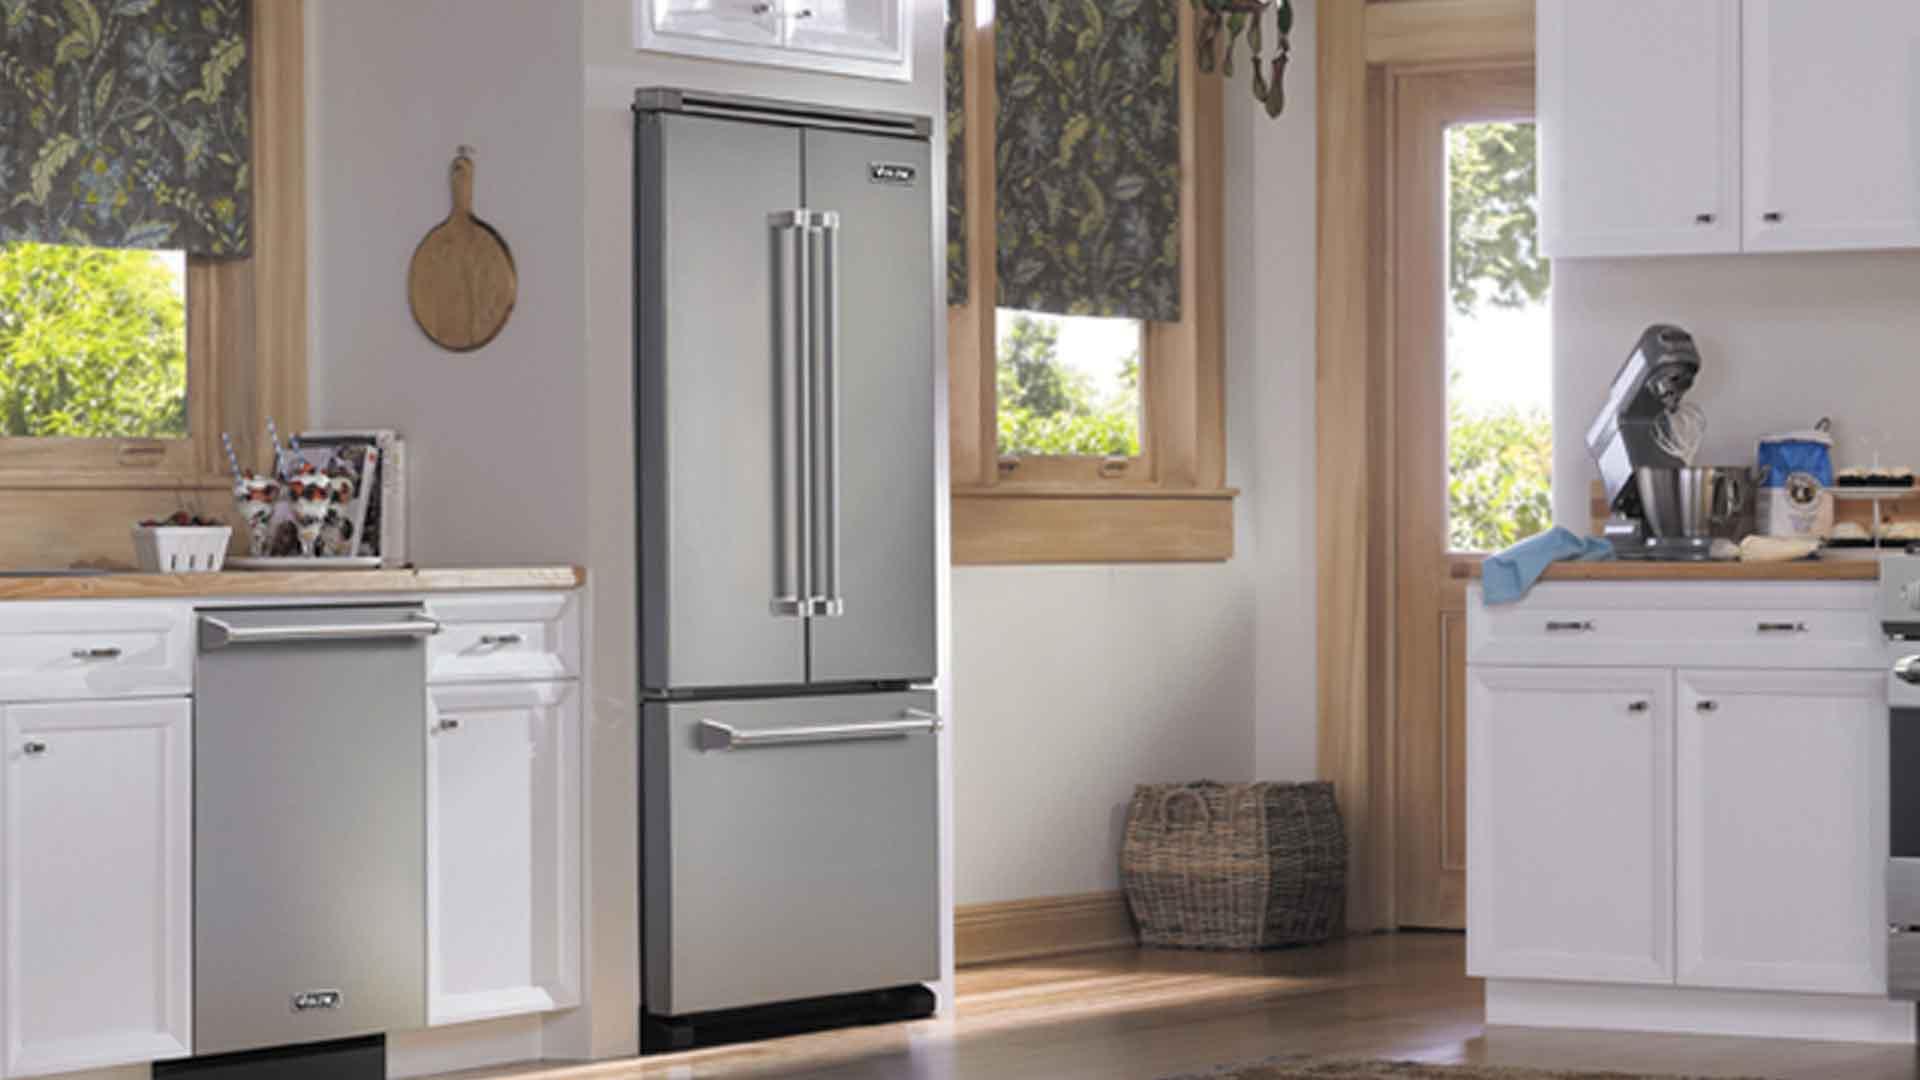 Viking Built-In All Refrigerator Repair Service | Viking Appliance Repairs